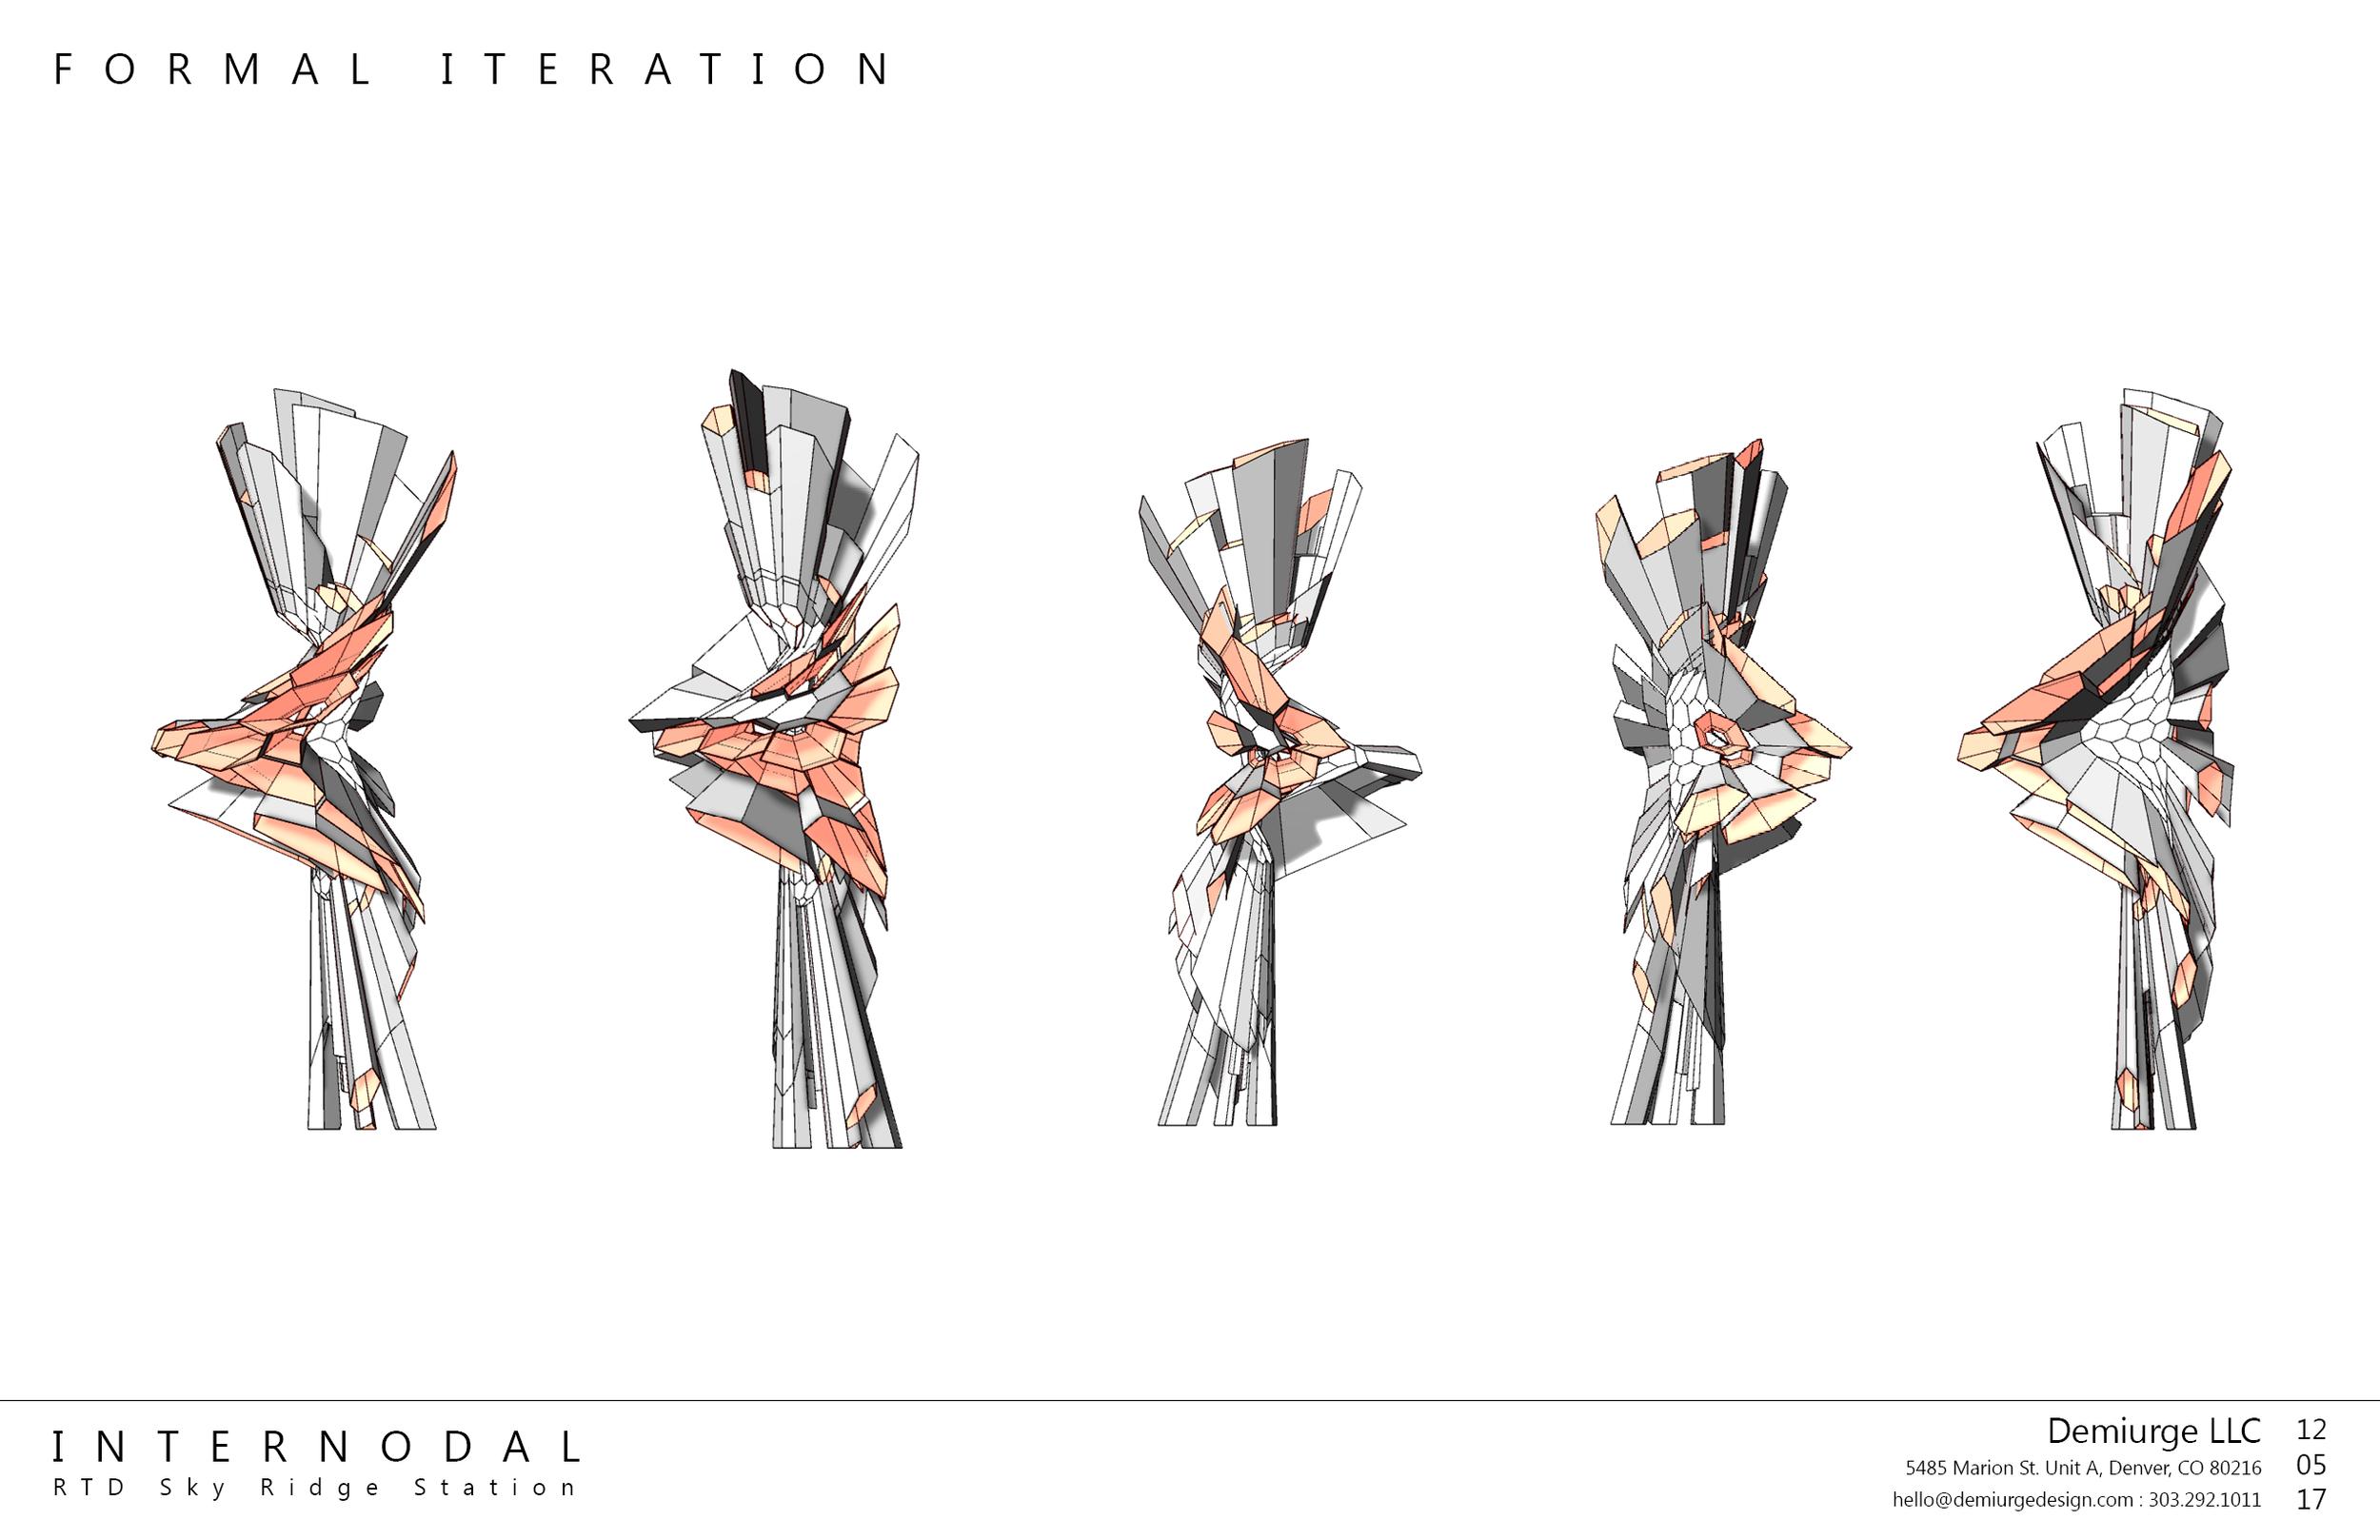 Internodal_website6.png